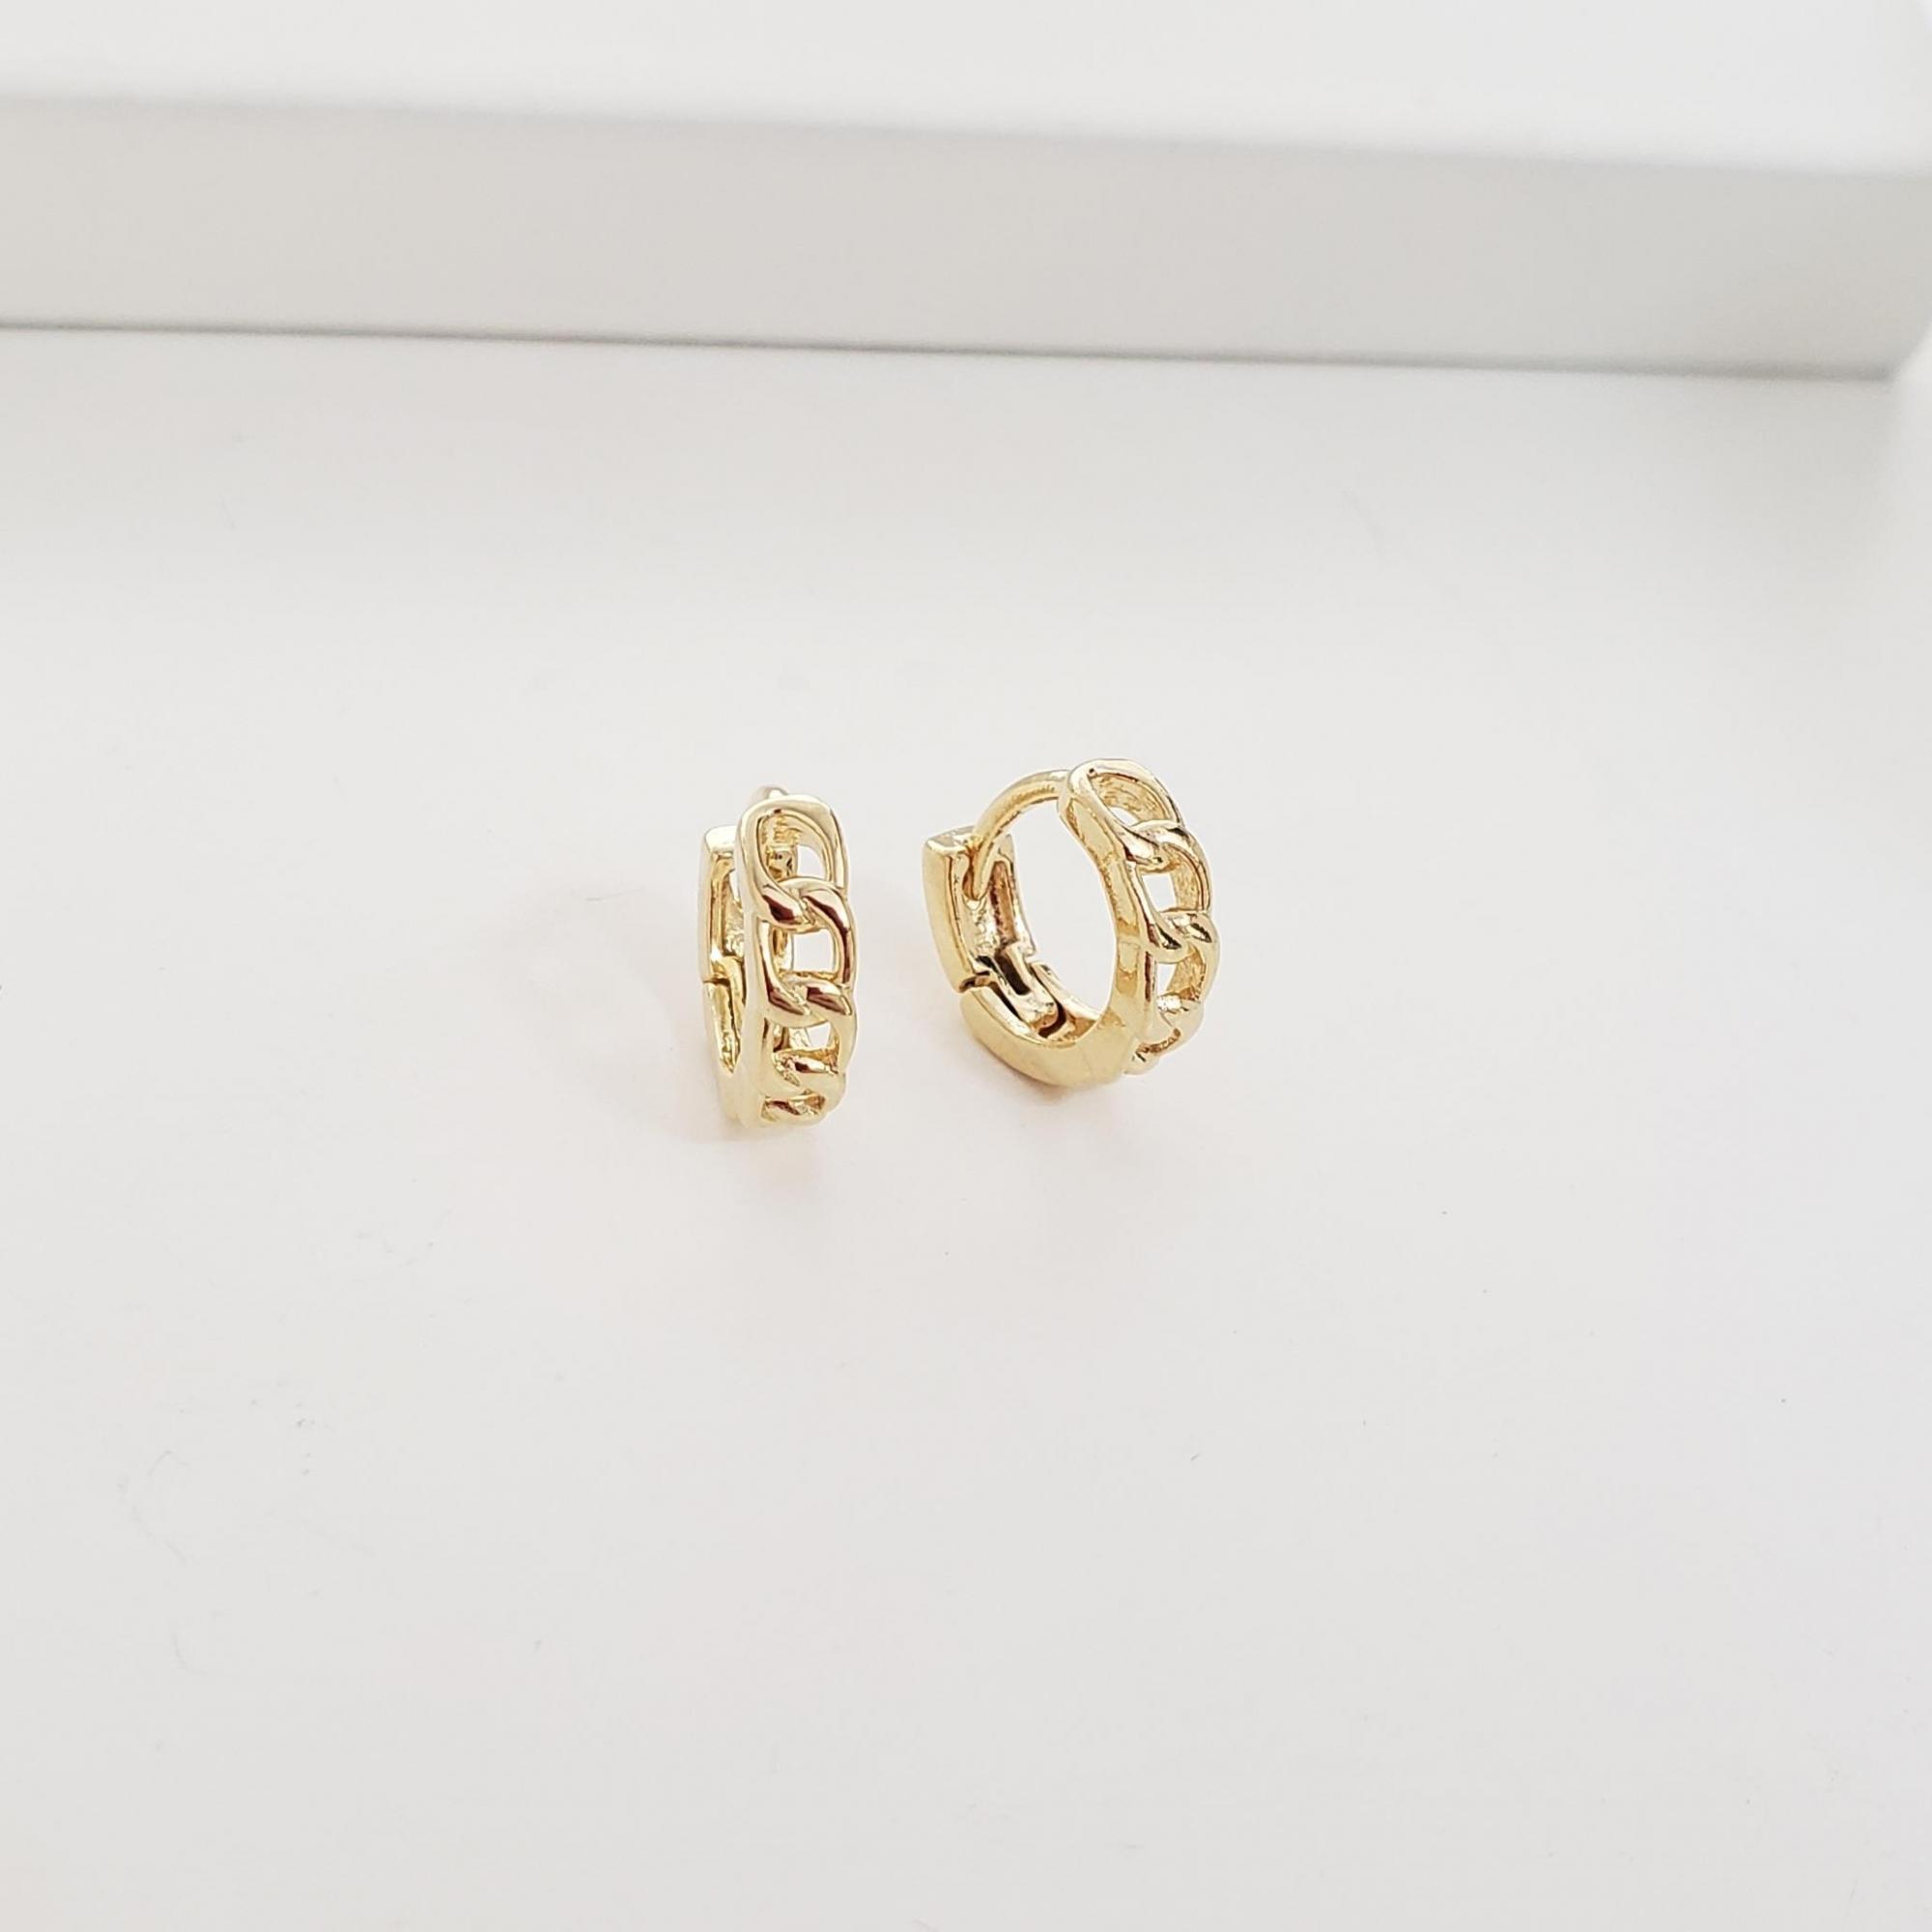 Brinco Argola 1cm Elos Cartier no Banho Ouro 18k Semijoia